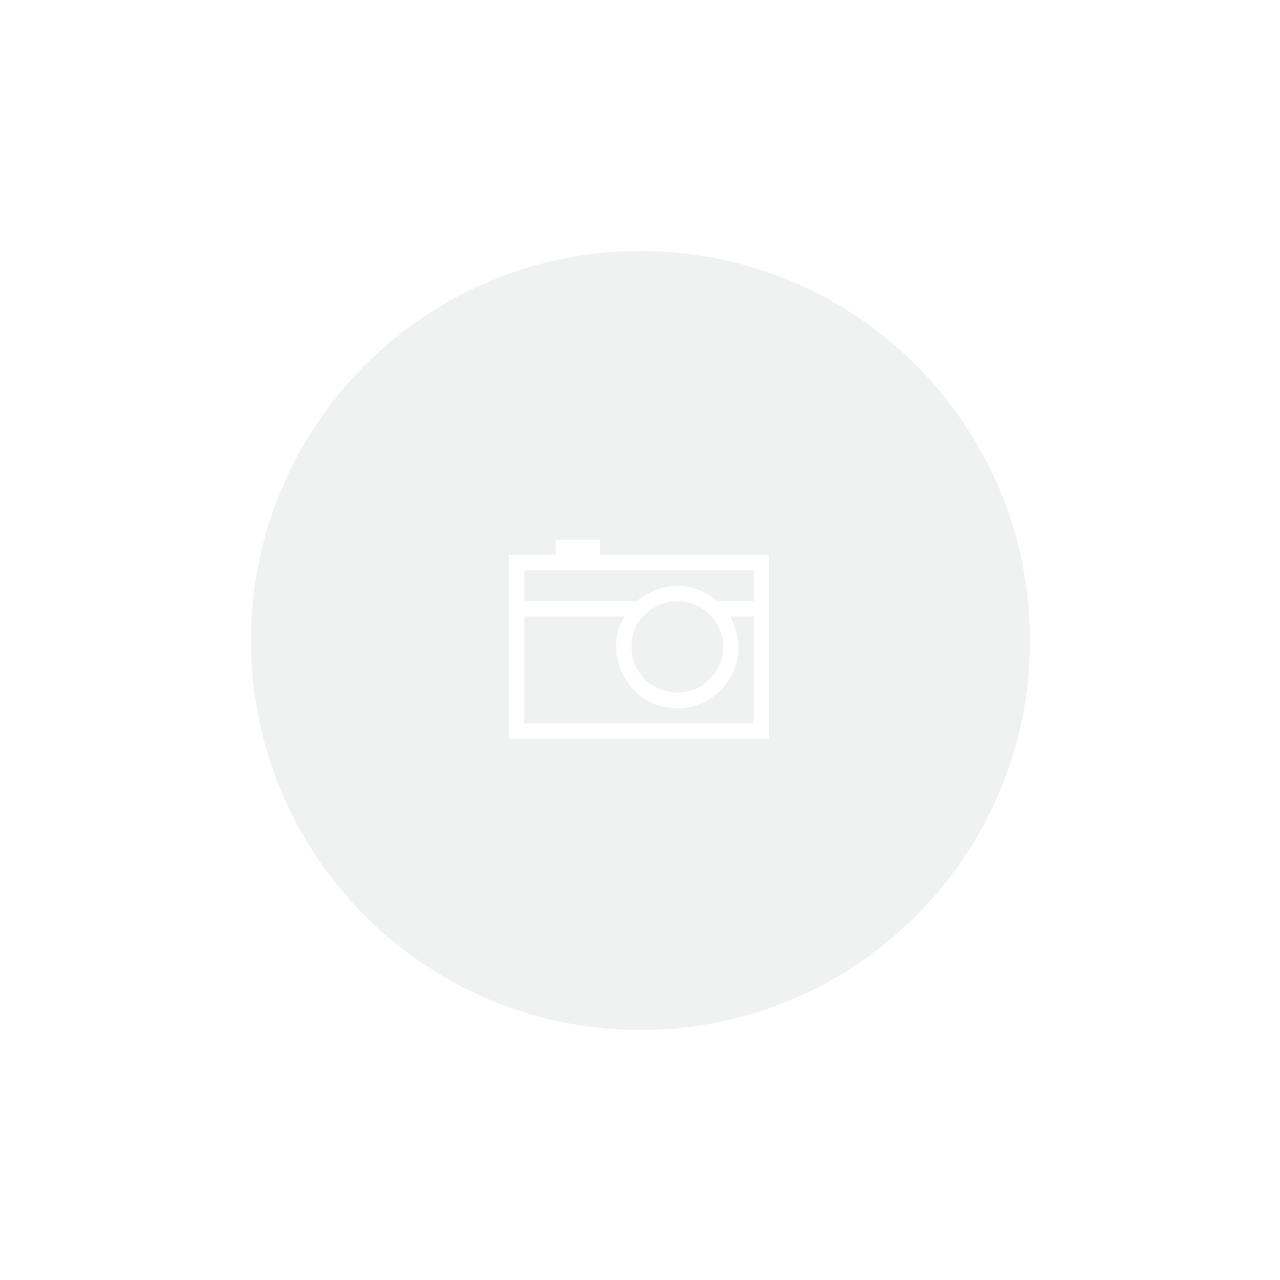 Espeto Duplo em Inox 75 cm Tramontina